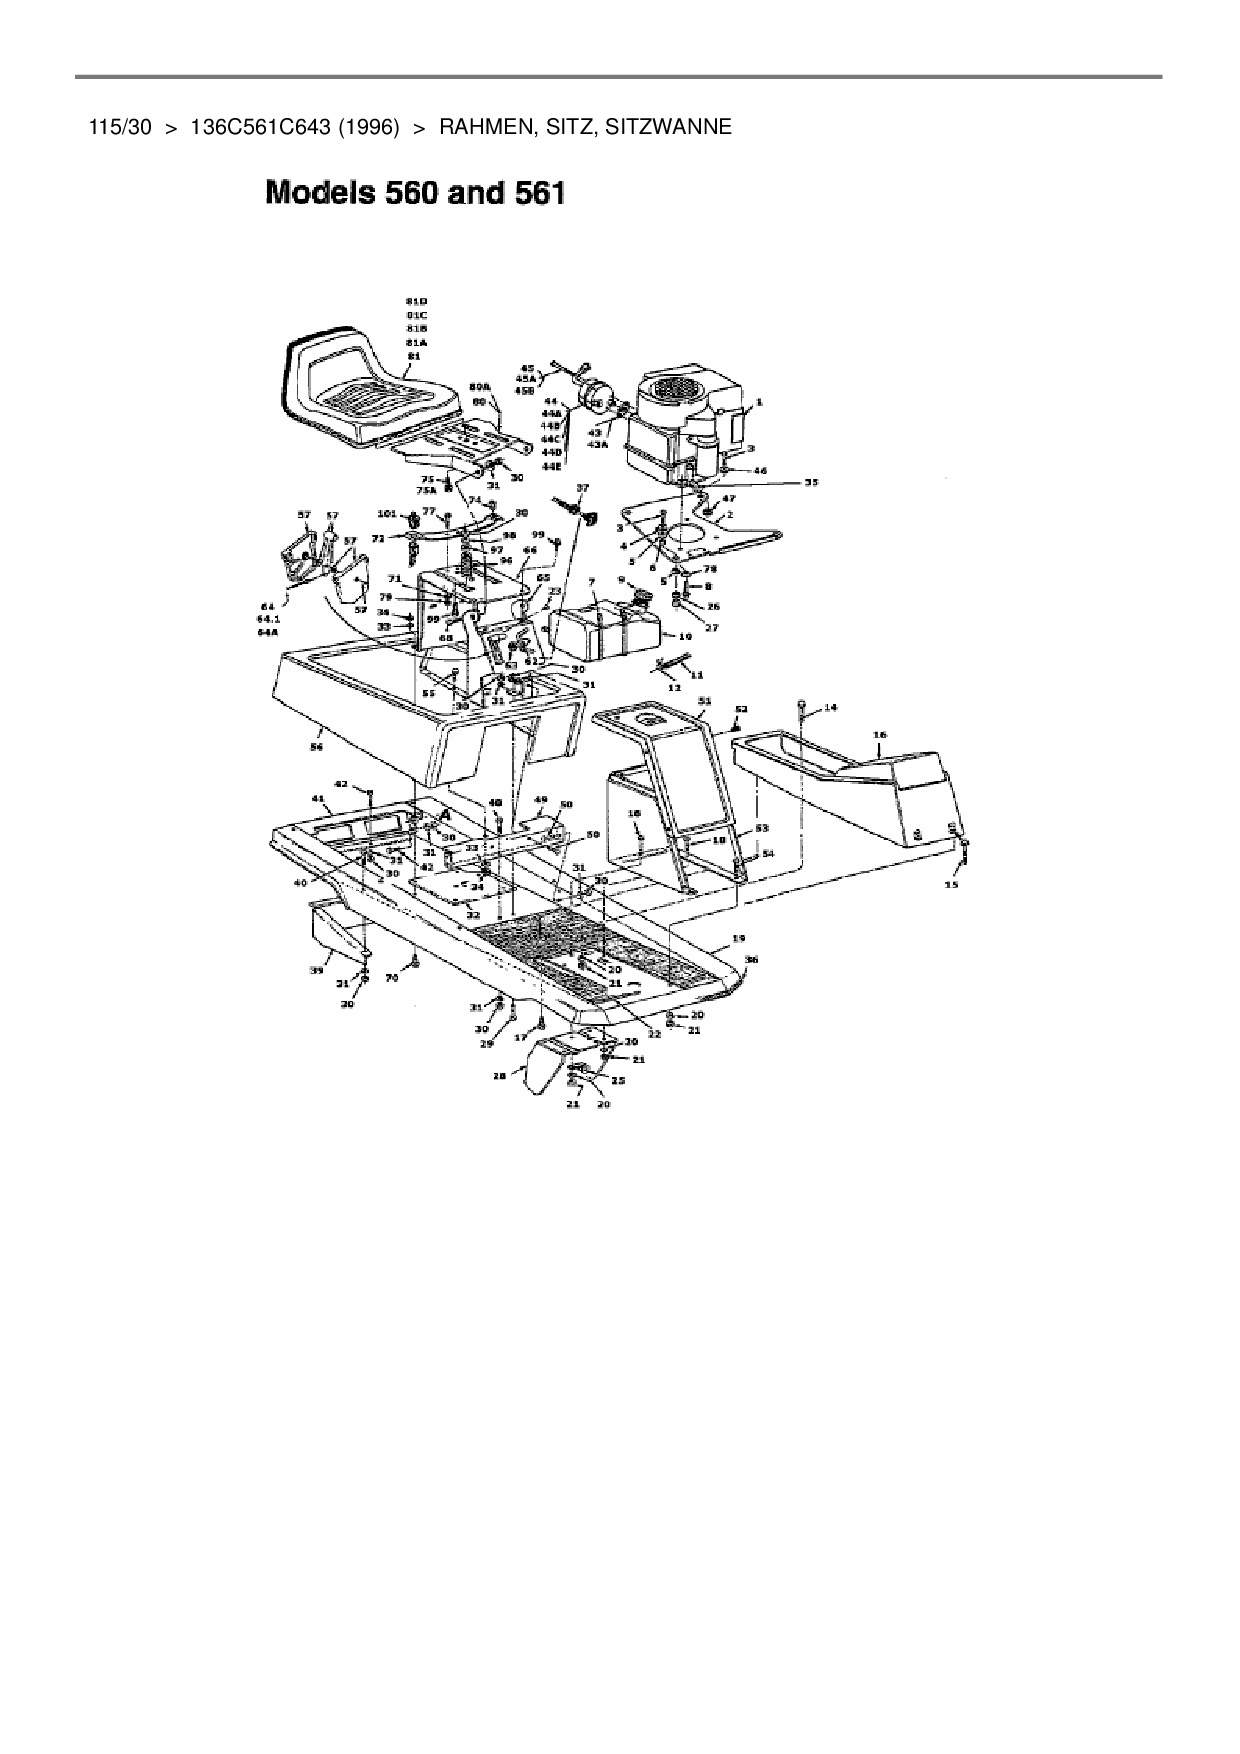 Ersatzteile von Yard-Man Rasentraktor 115/30 aus der Zeichnung Rahmen